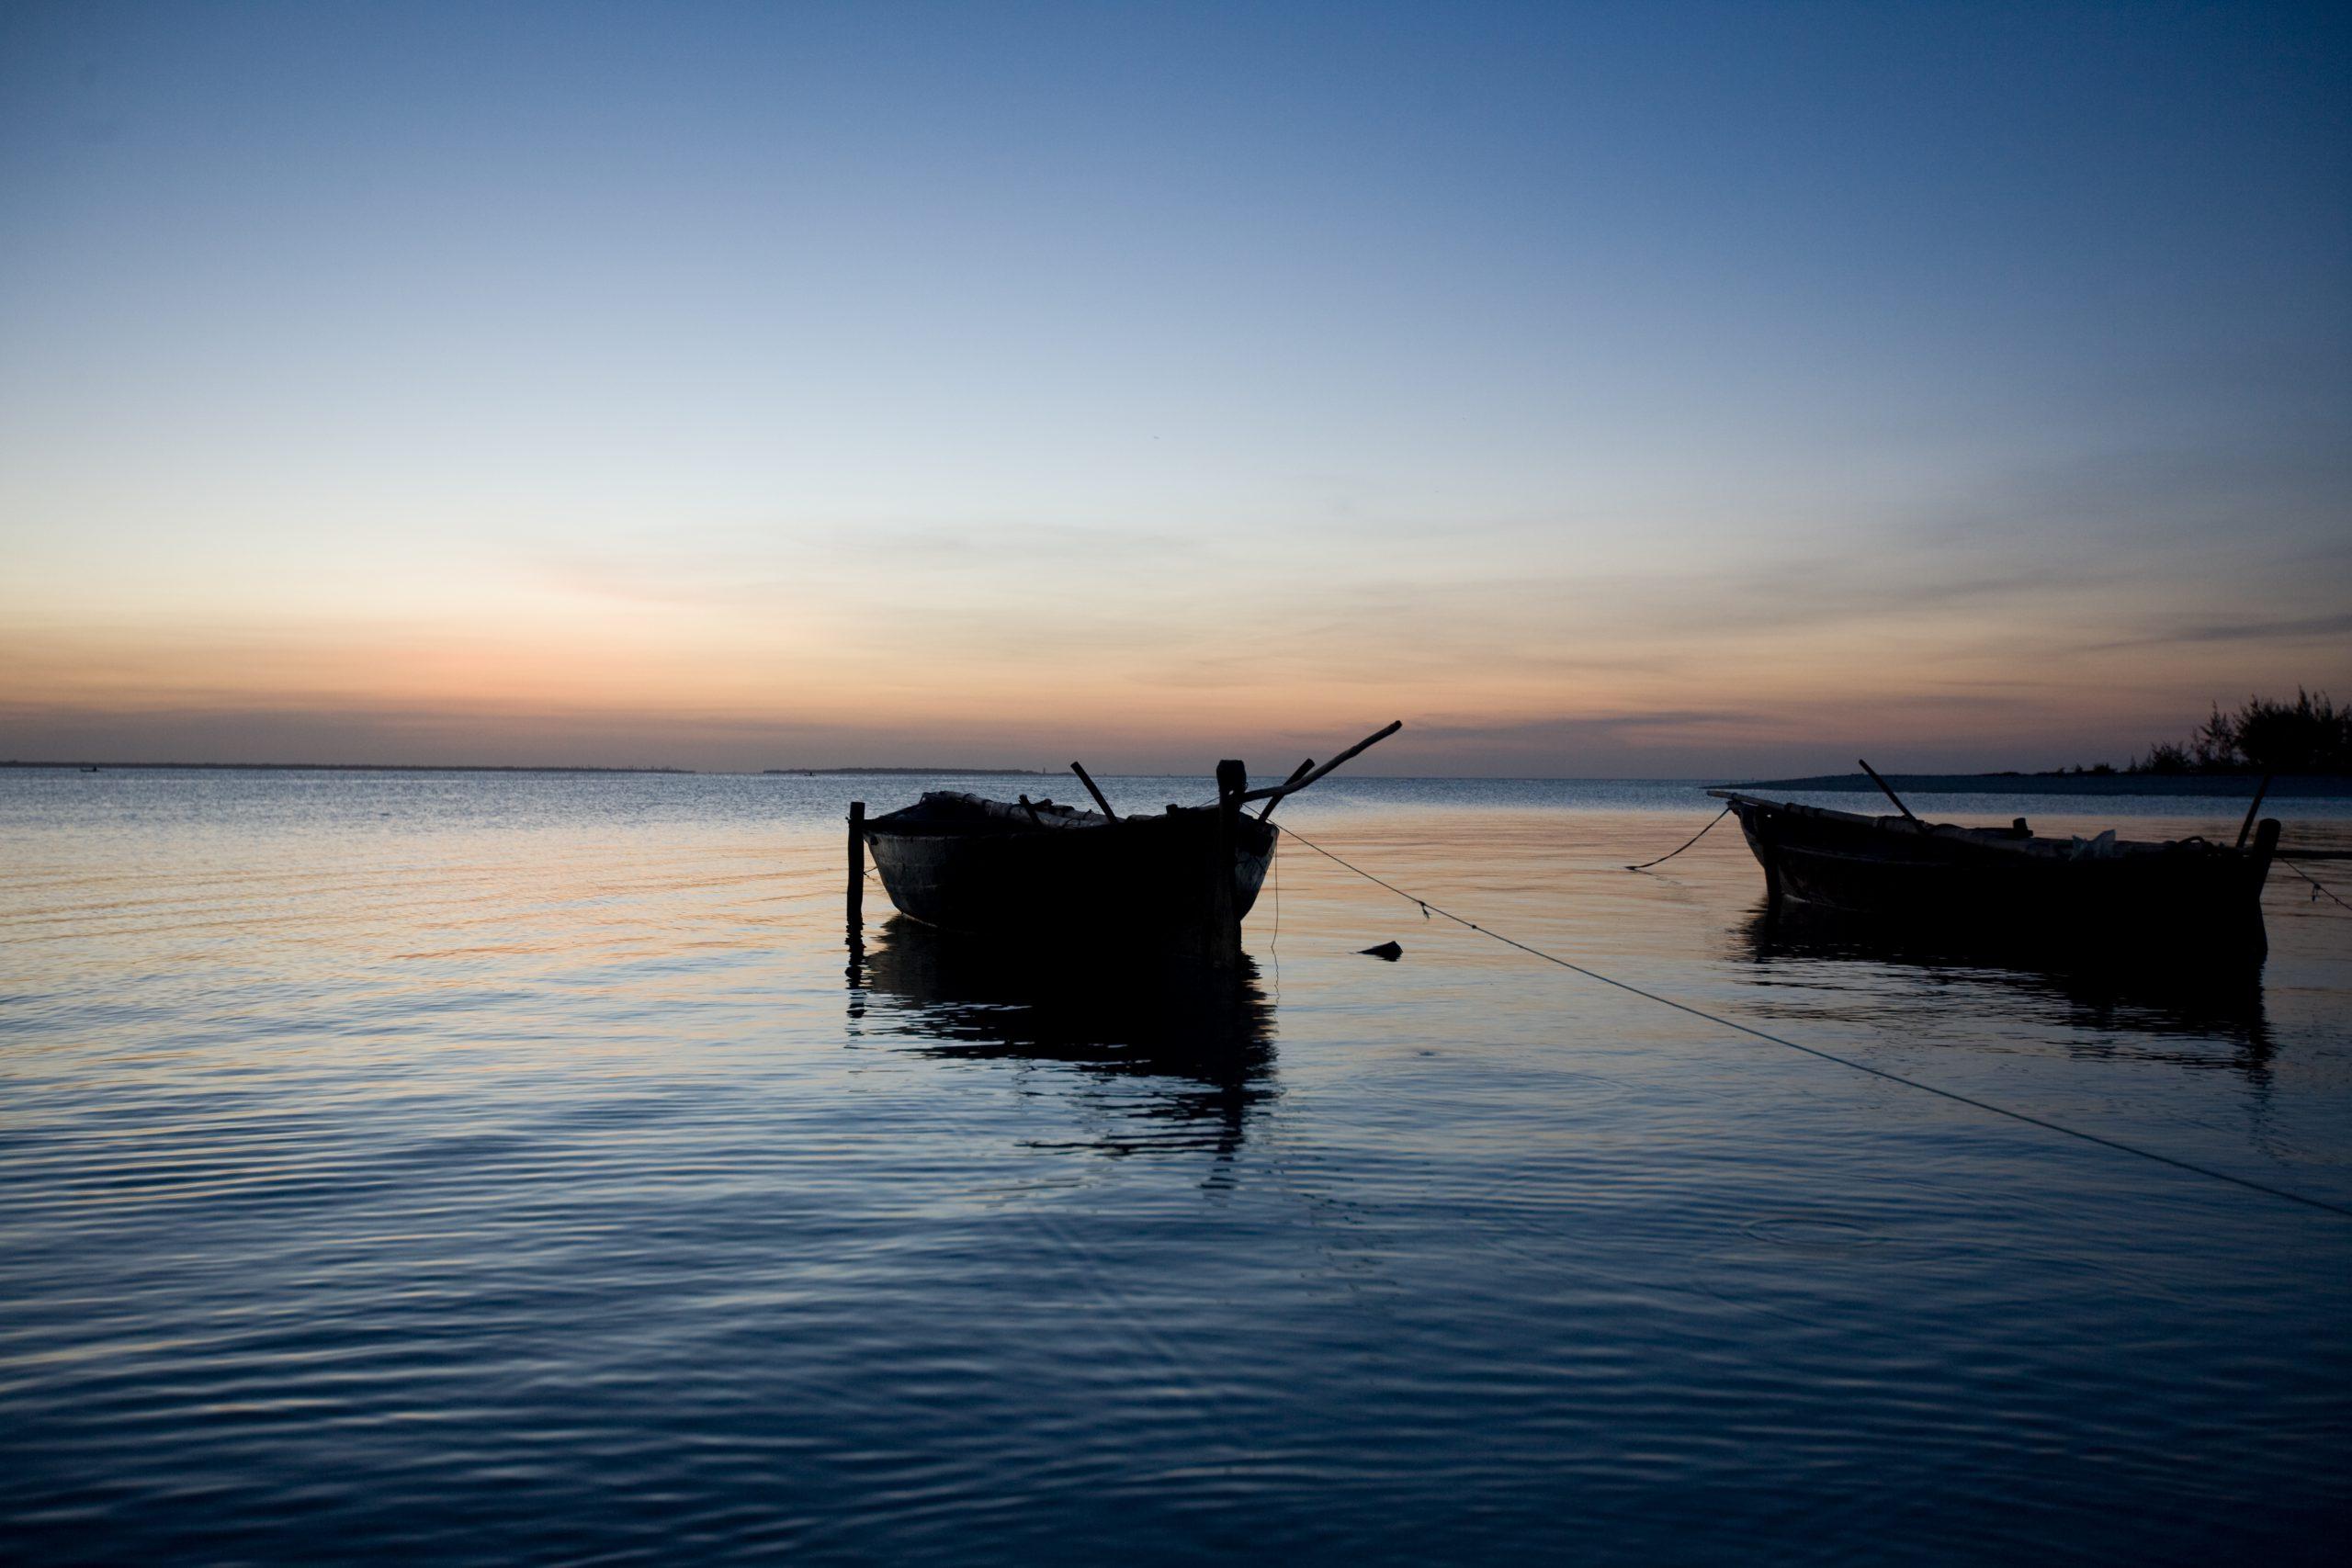 Sunset on the Indian Ocean, Zanzibar, Tanzania